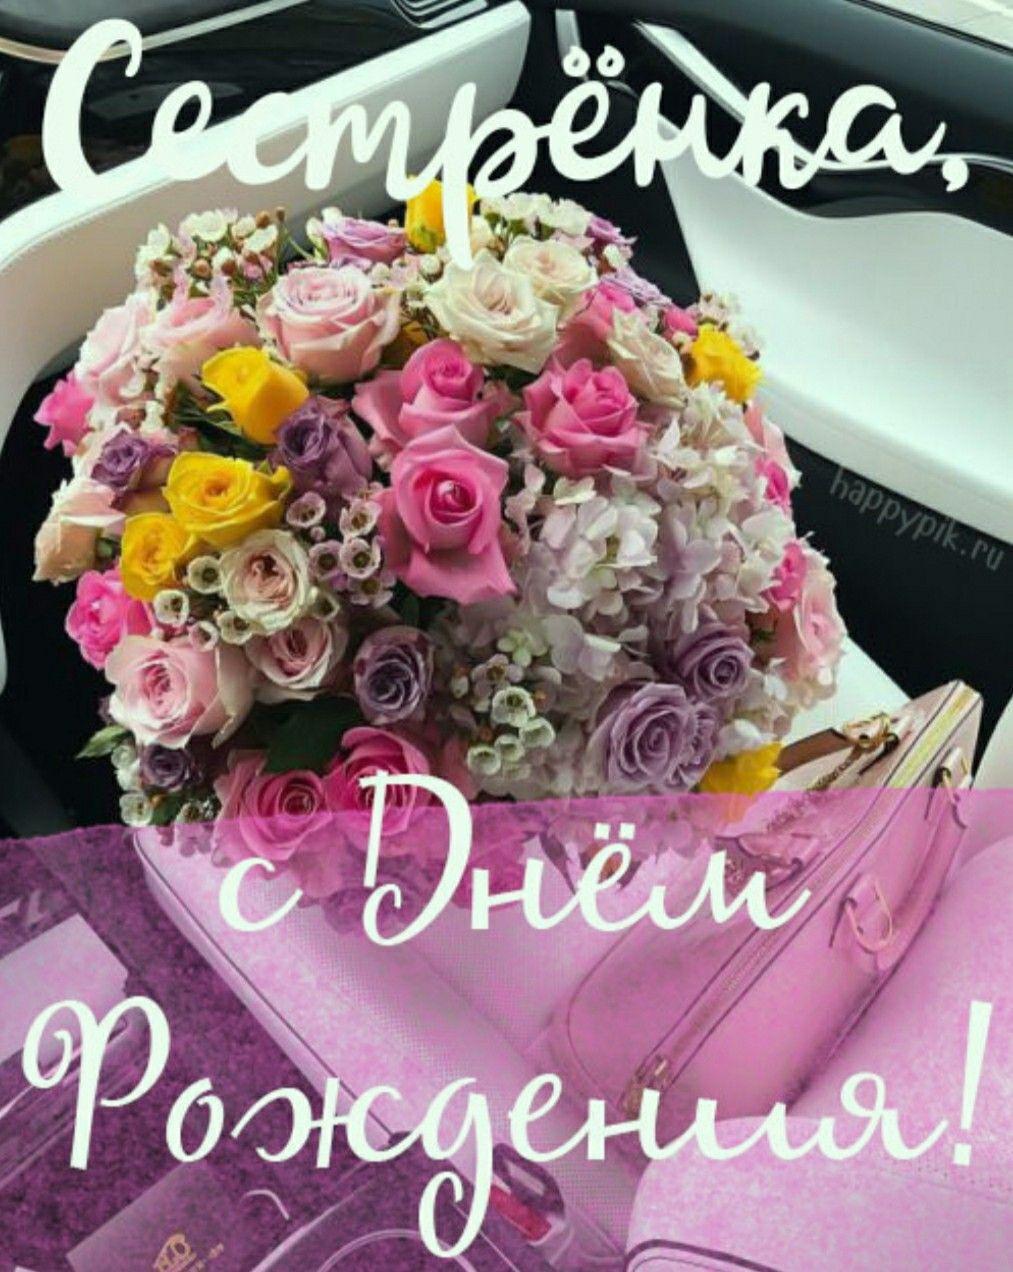 Pin By Elena Gorkyn On Pozdravitelnye Otkrytki Free Happy Birthday Cards Happy Birthday Cards Birthday Wishes